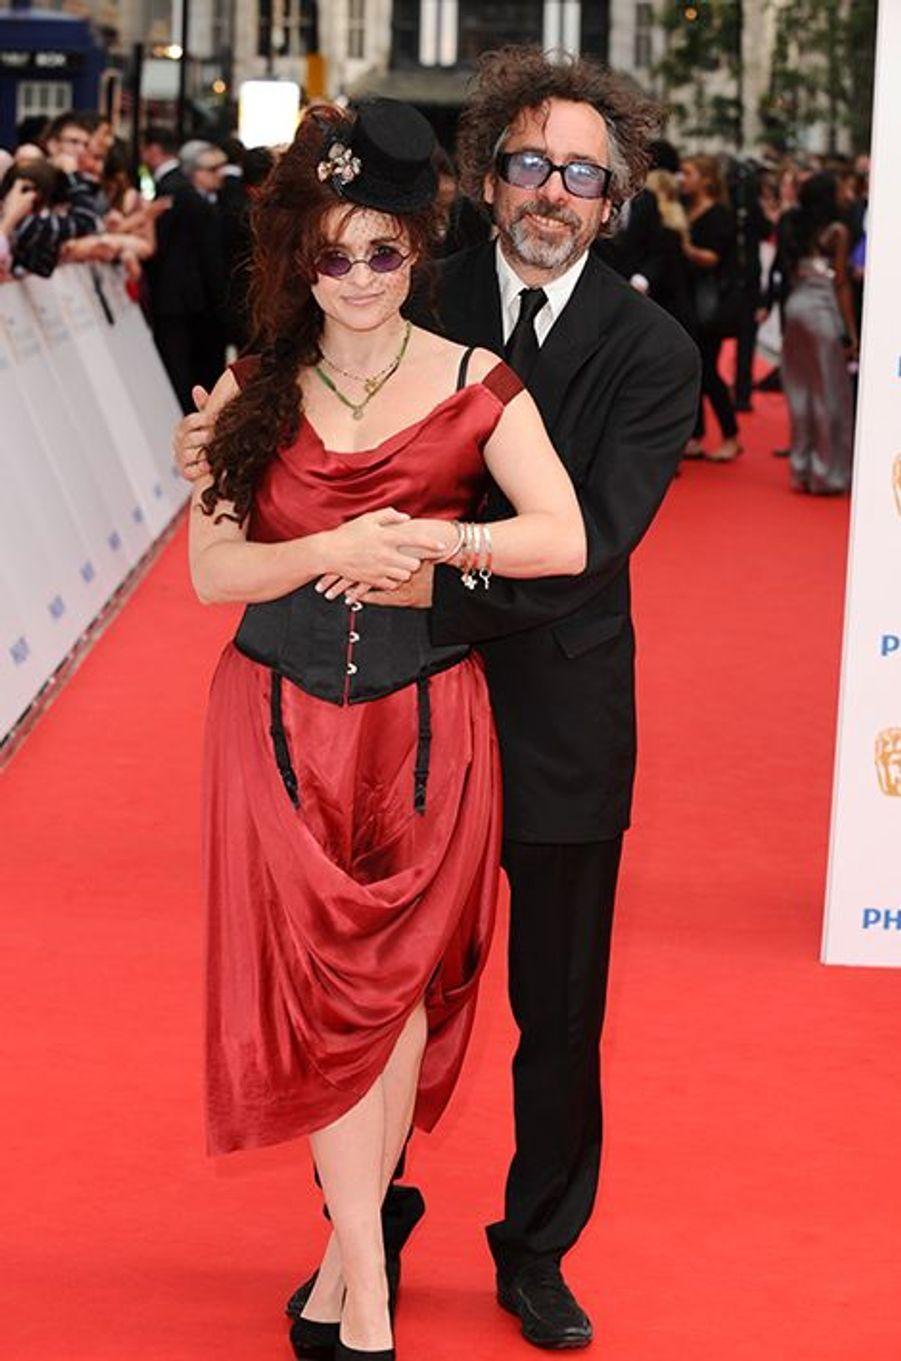 Aux BAFTA Tv Awards, à Londres le 6 juin 2010